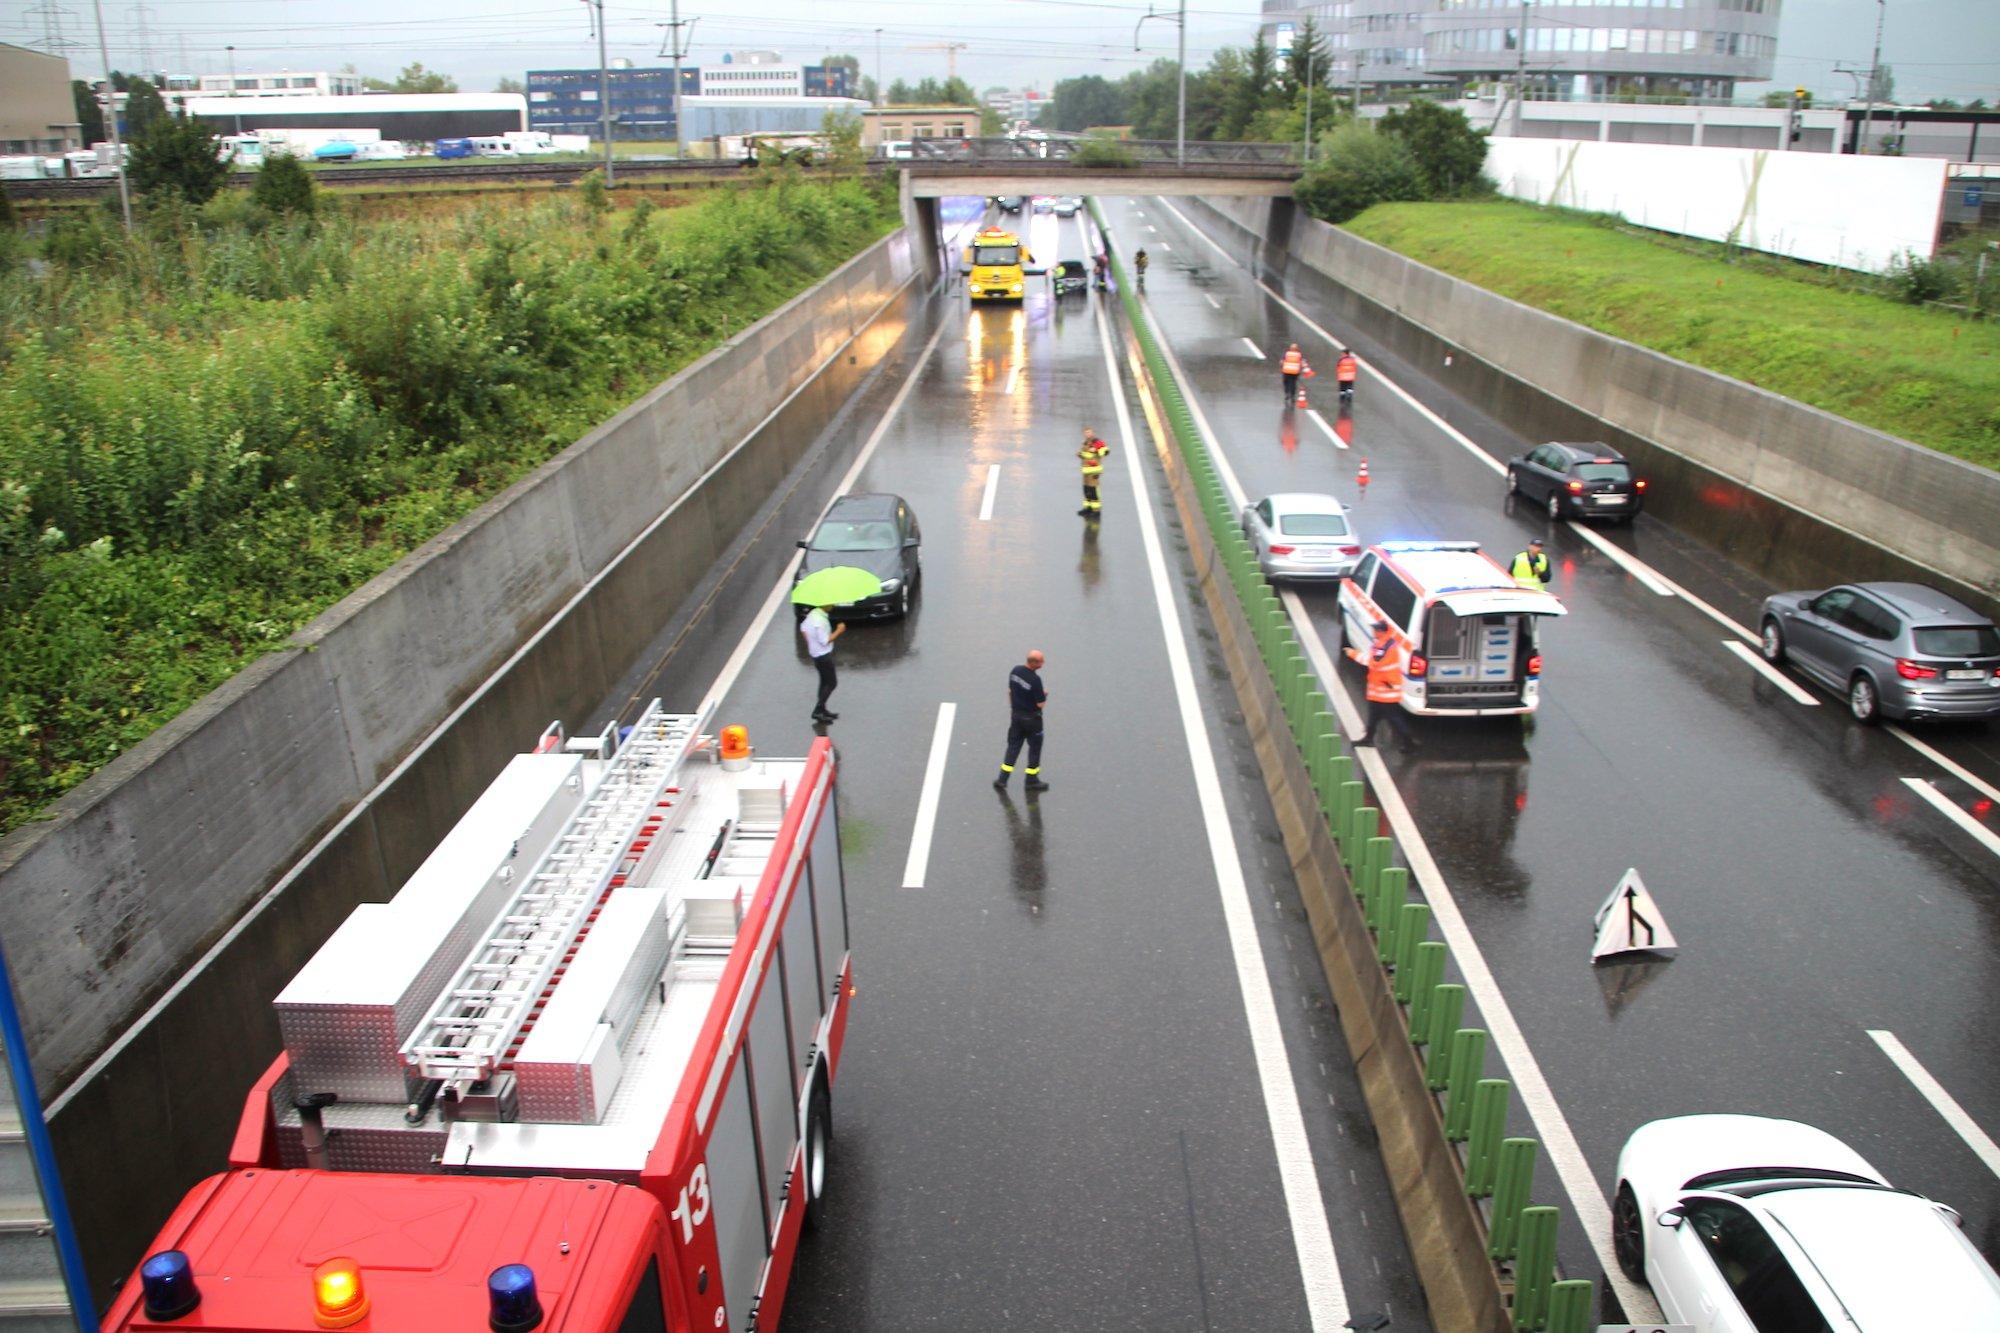 Die Feuerwehr und die Zuger Polizei versuchen dem Hochwasser auf der gesperrten Autobahn Herr zu werden.